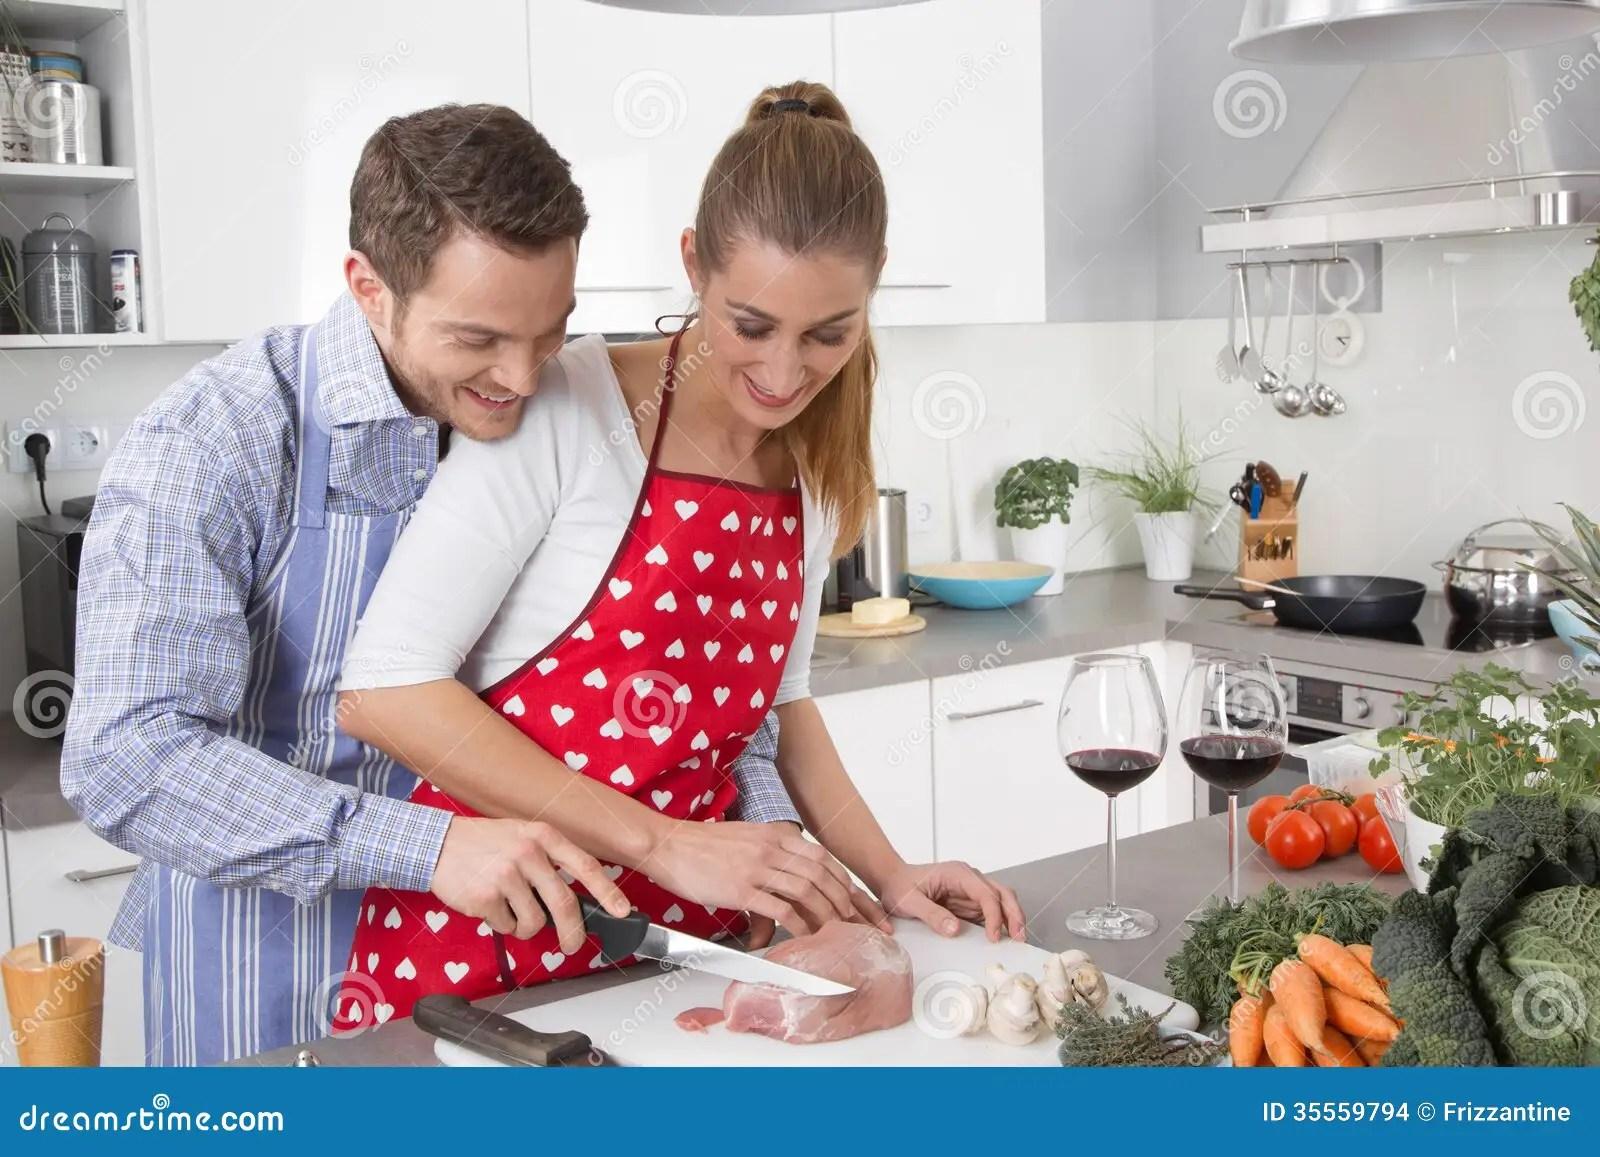 Les Couples Dans L'amour Faisant Cuire Ensemble Dans La